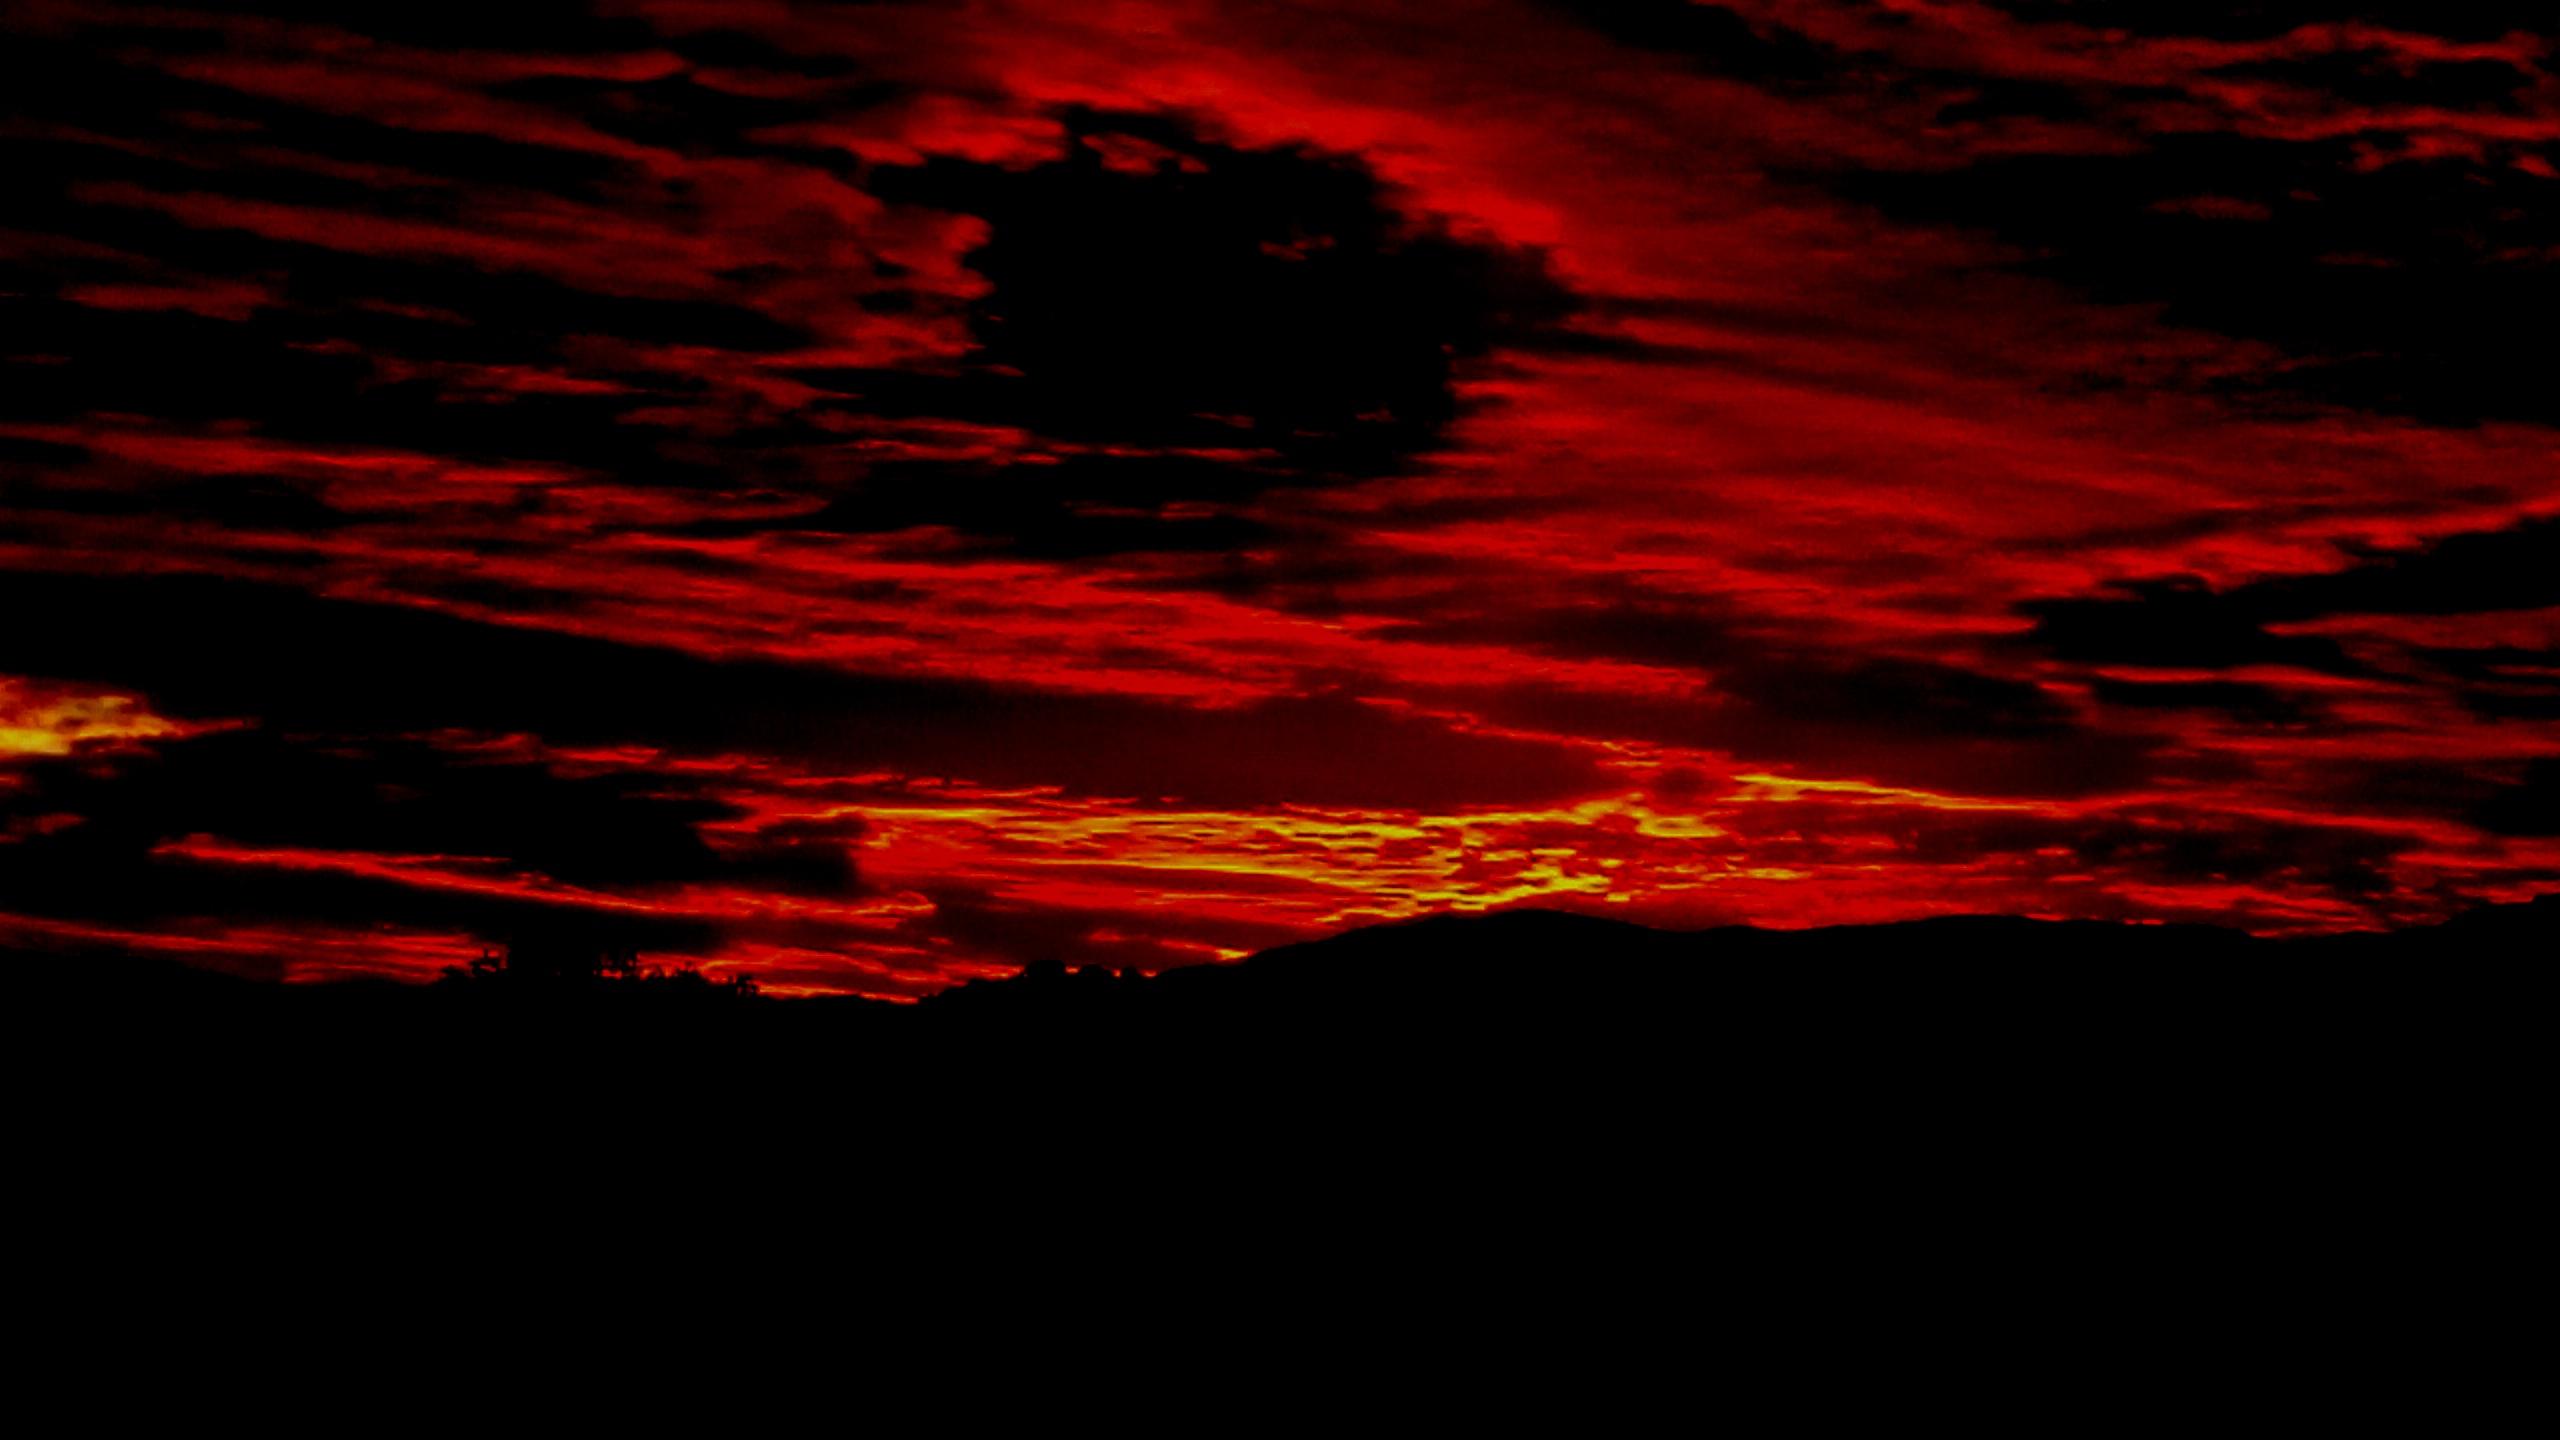 No era el infierno. Fue un paseo por las nubes. Perteneciente a la Serie fotográfica Espasmos de Olmo Z. realizada en fecha desconocida.